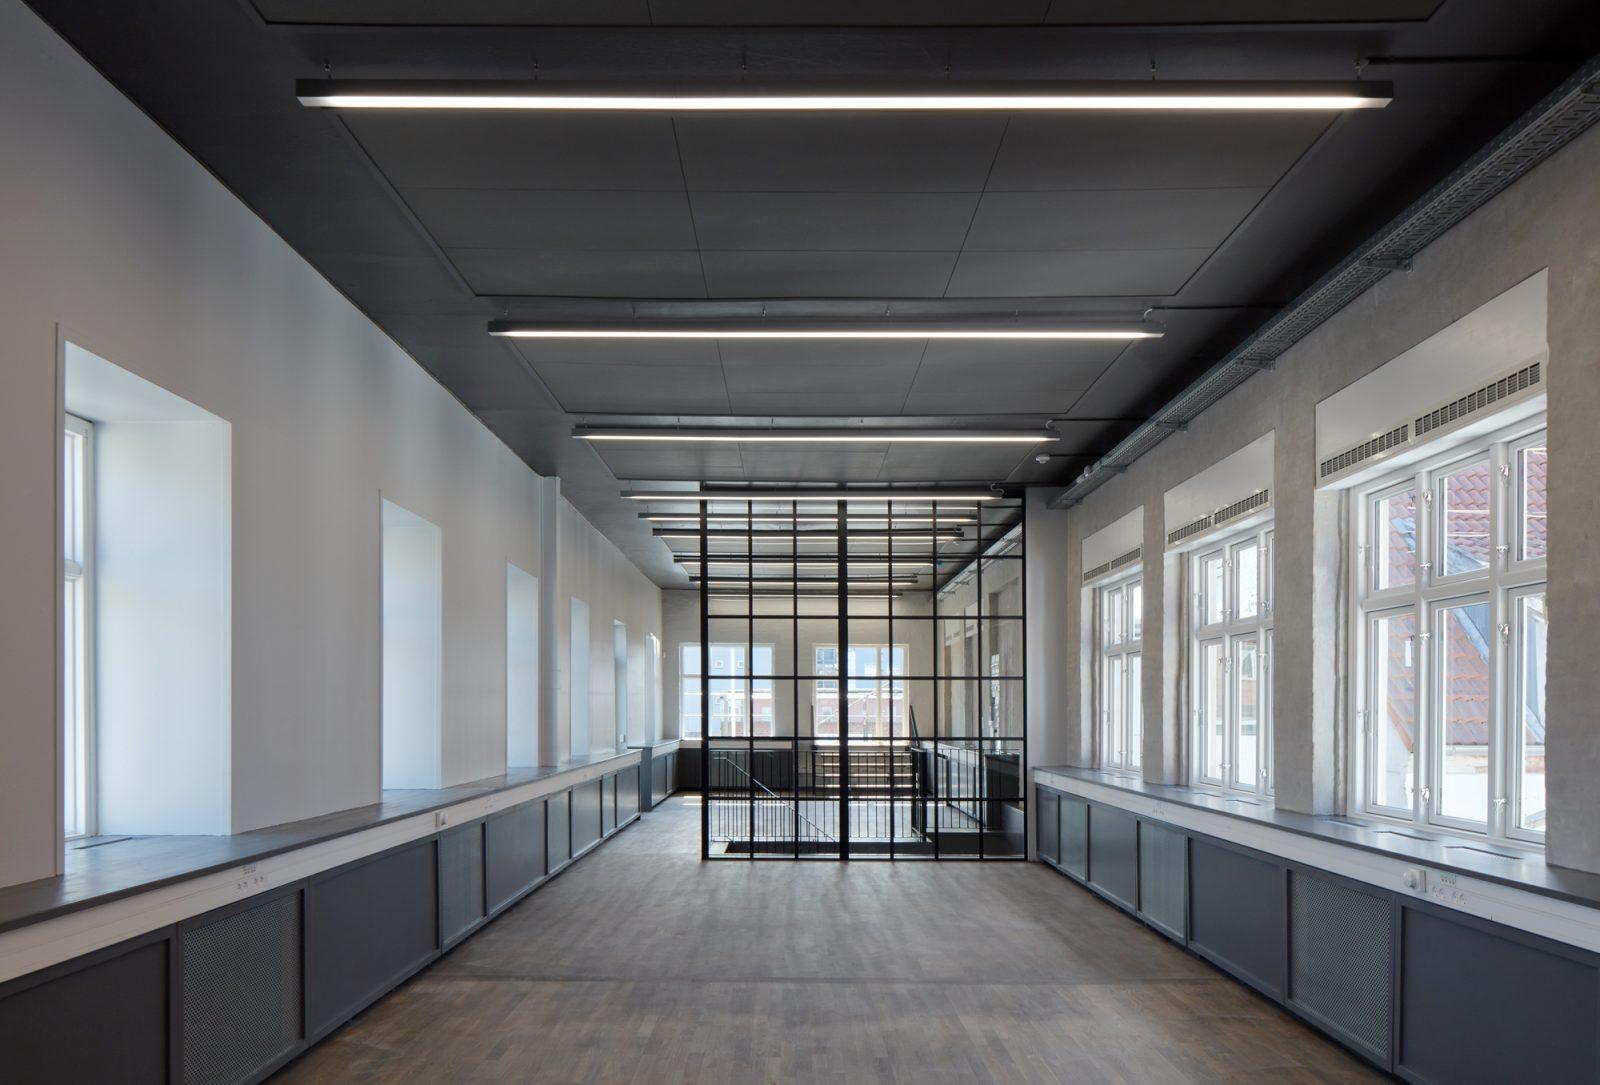 Ombygning af industribygninger til kontorer: Dortheavej 10 og 12